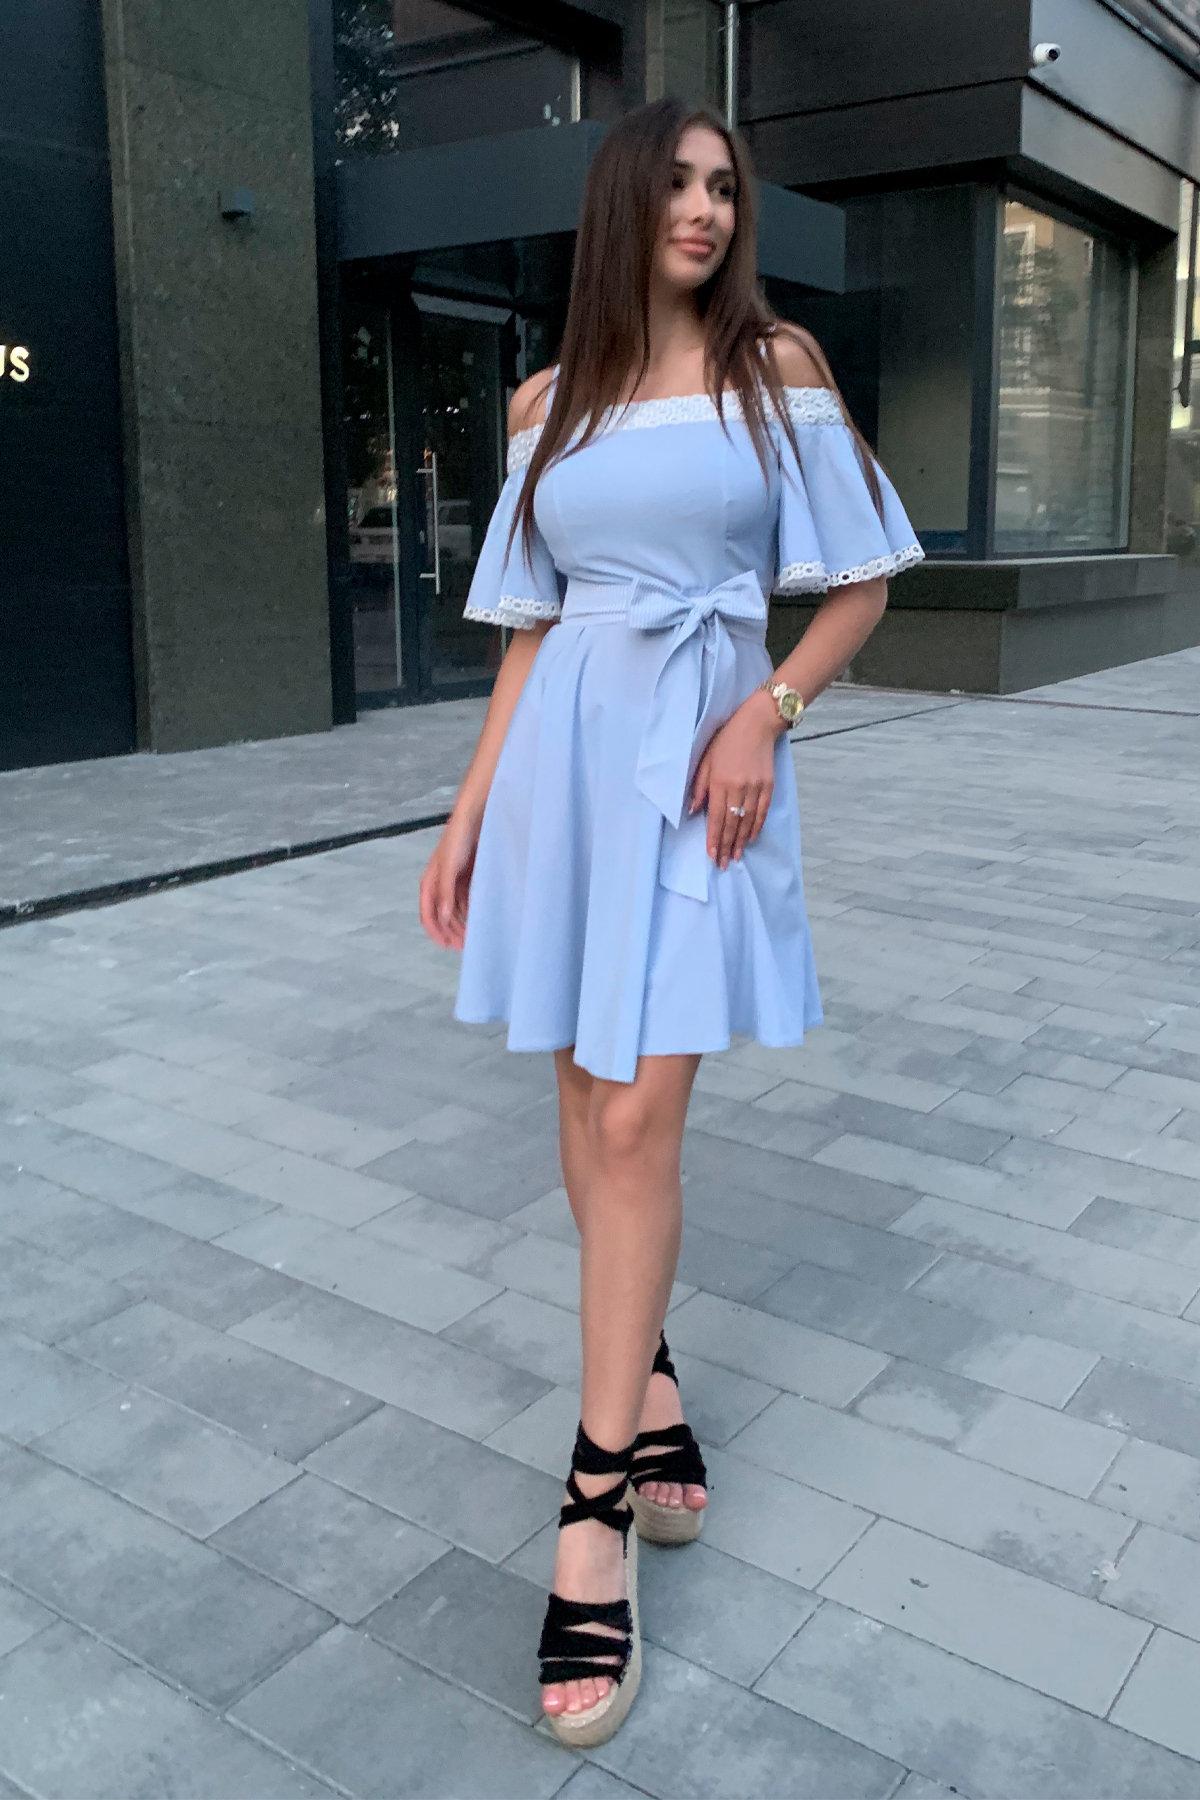 Платье Виолетта 4984 АРТ. 36119 Цвет: Голубой/молоко горох 1 - фото 2, интернет магазин tm-modus.ru